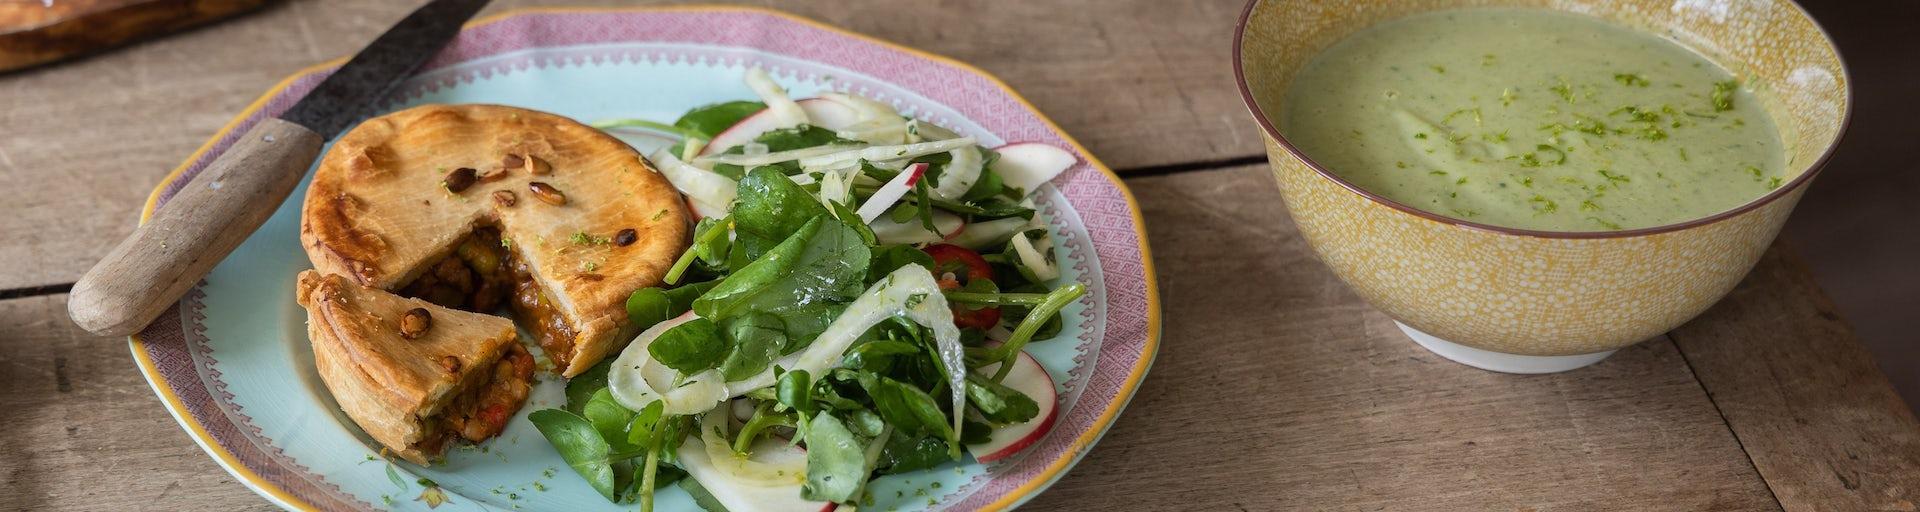 Wk 31 vegan pie met broccoli waterkers soep en salade FP